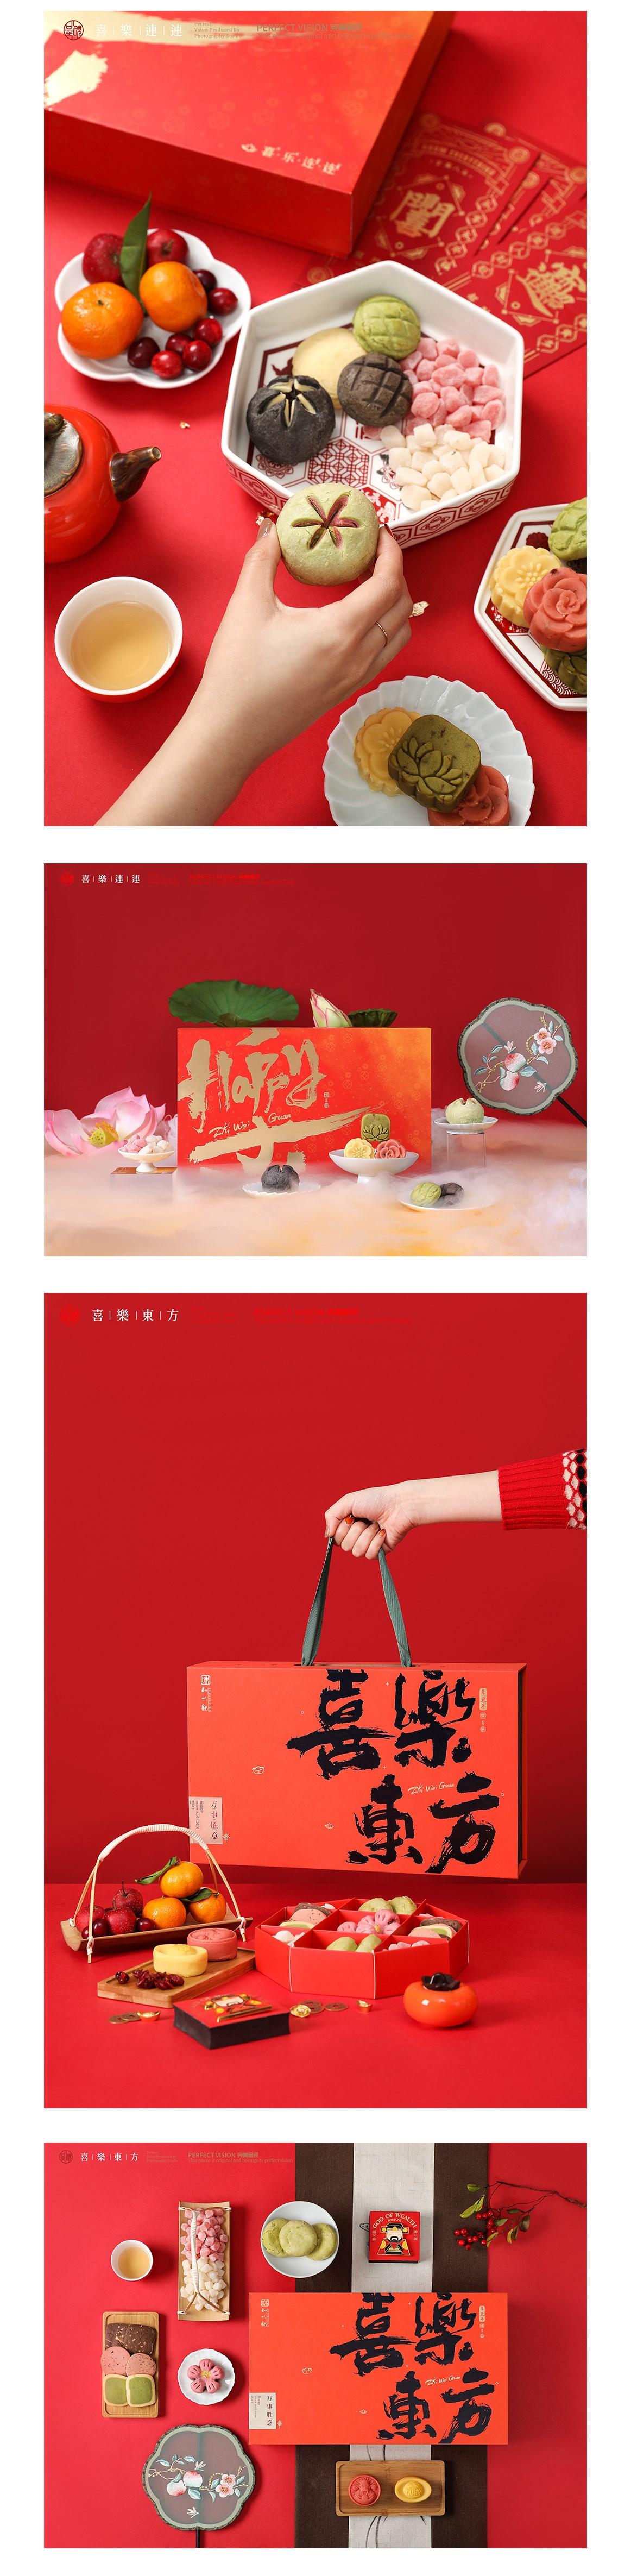 《喜樂東方》春节礼盒 · 知味观x完美呈现